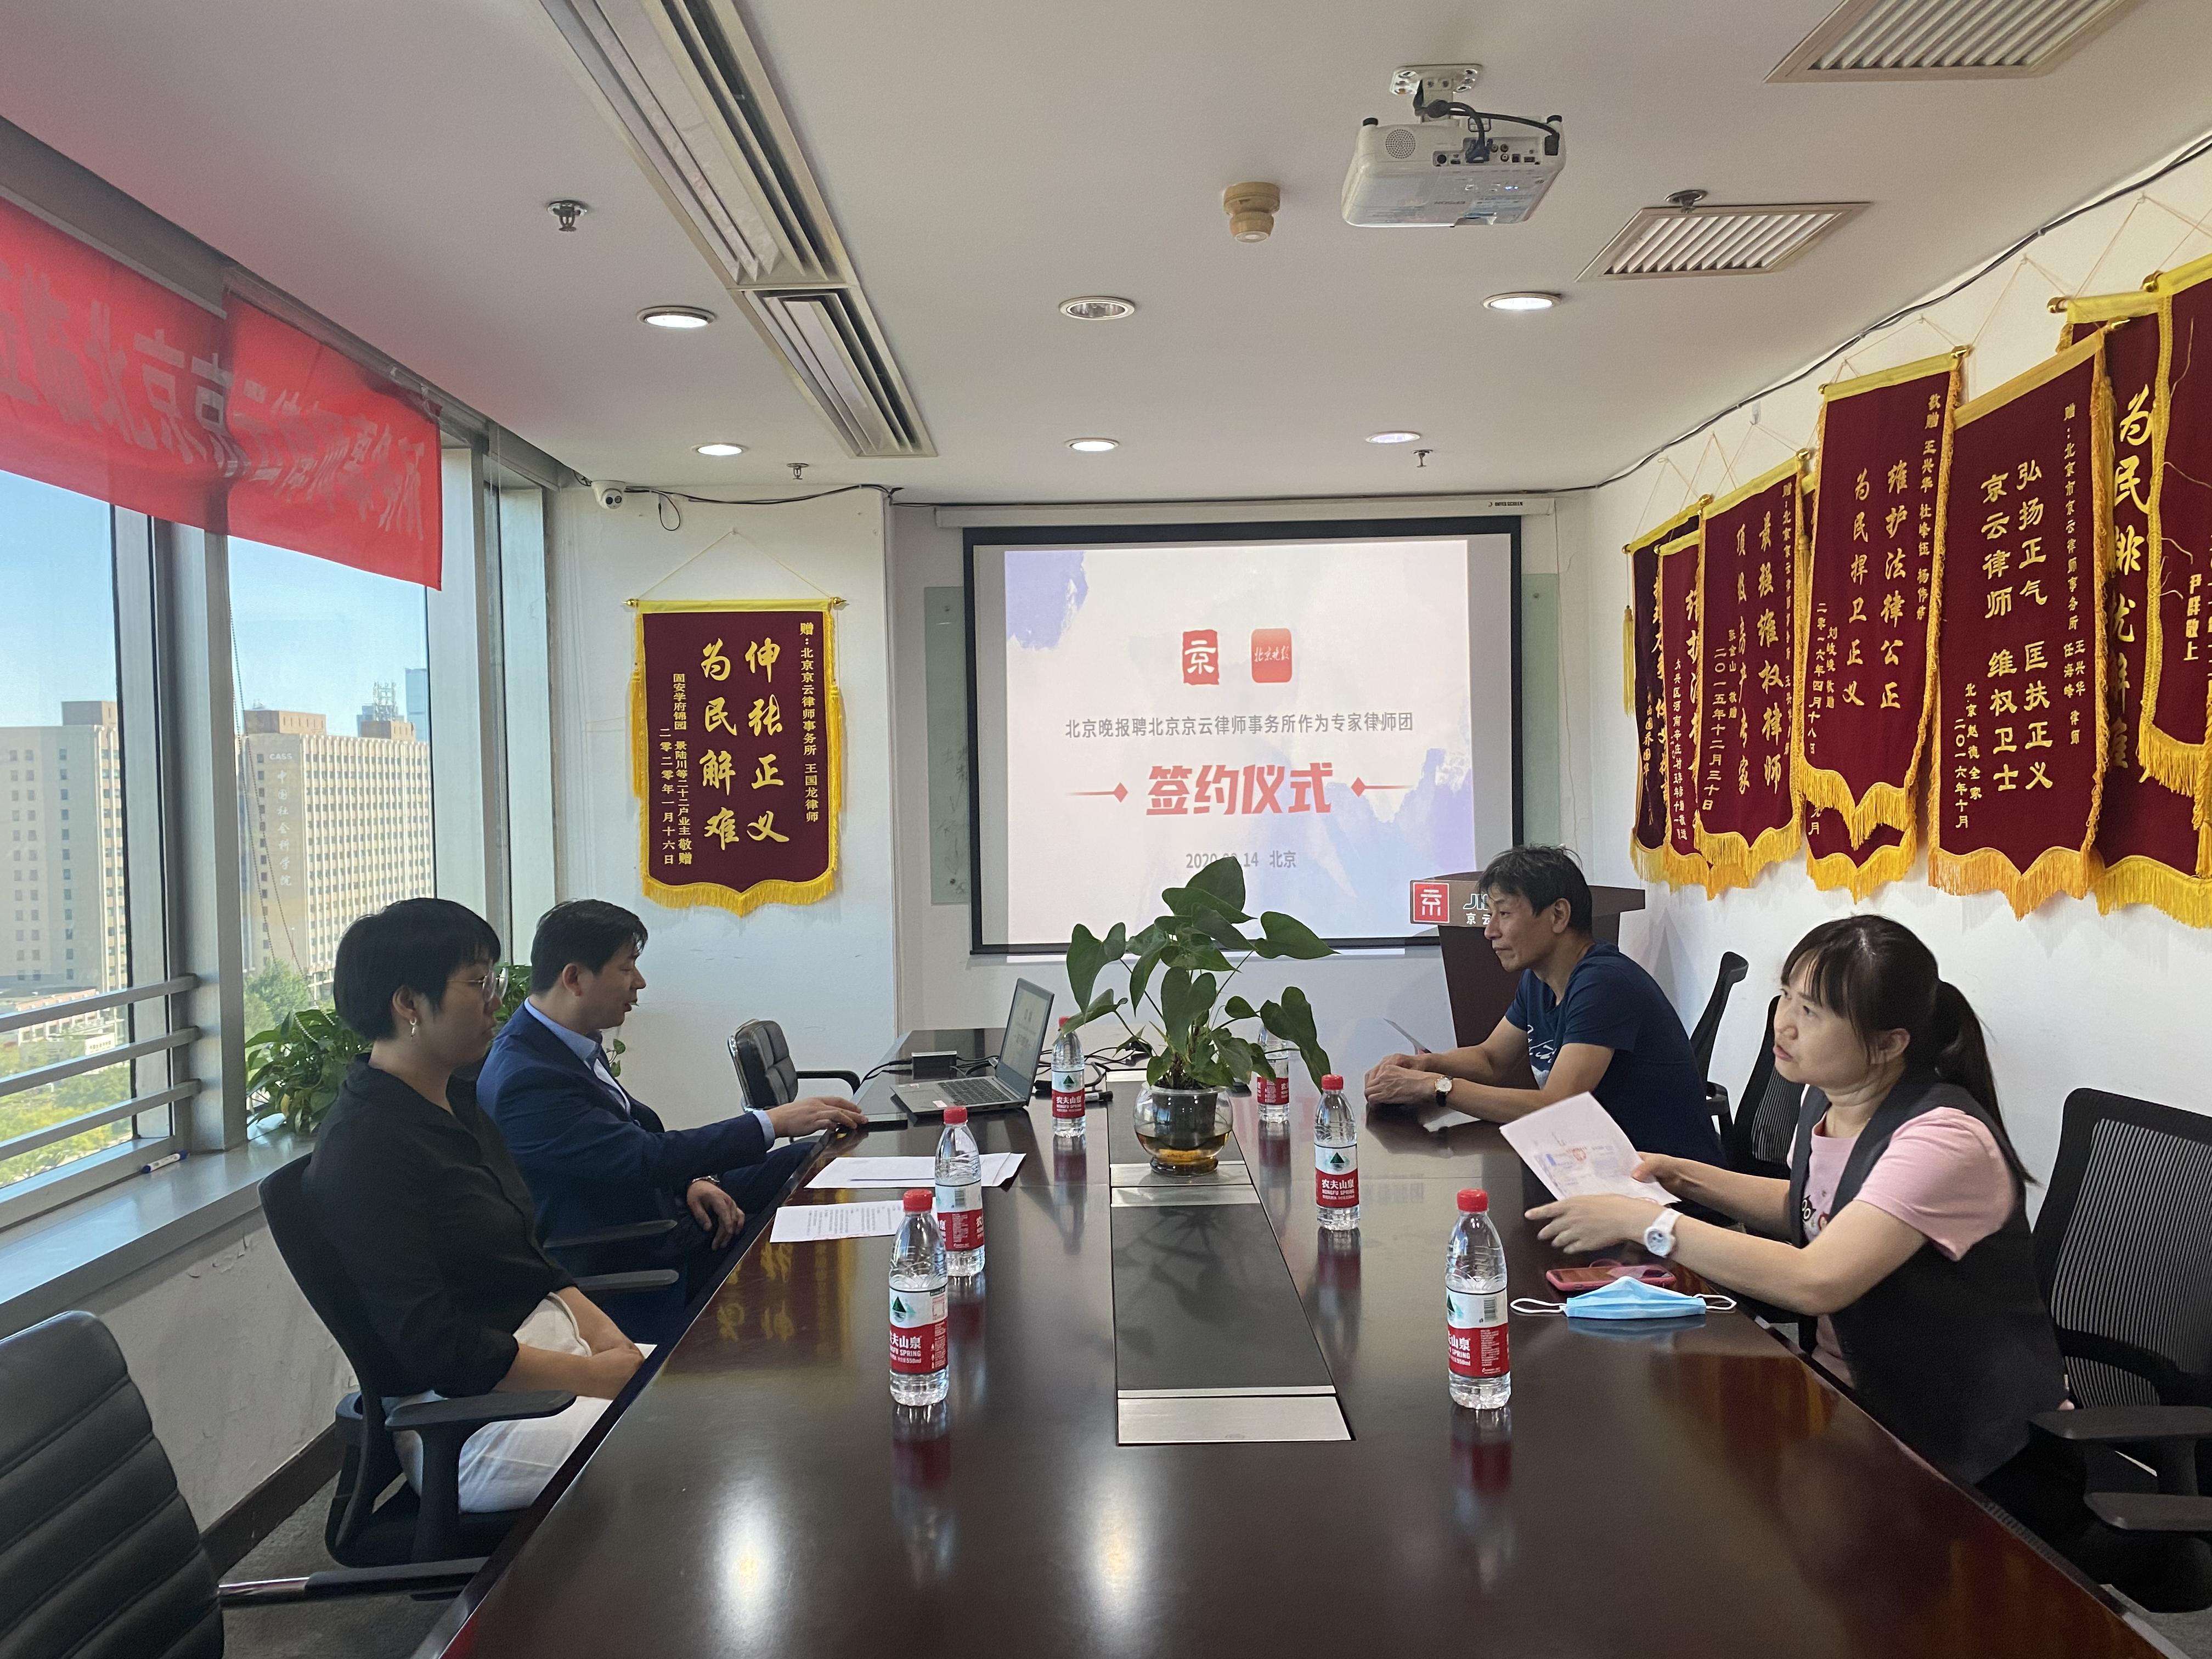 北京京云律师事务所与北京晚报合作签约仪式举行成功